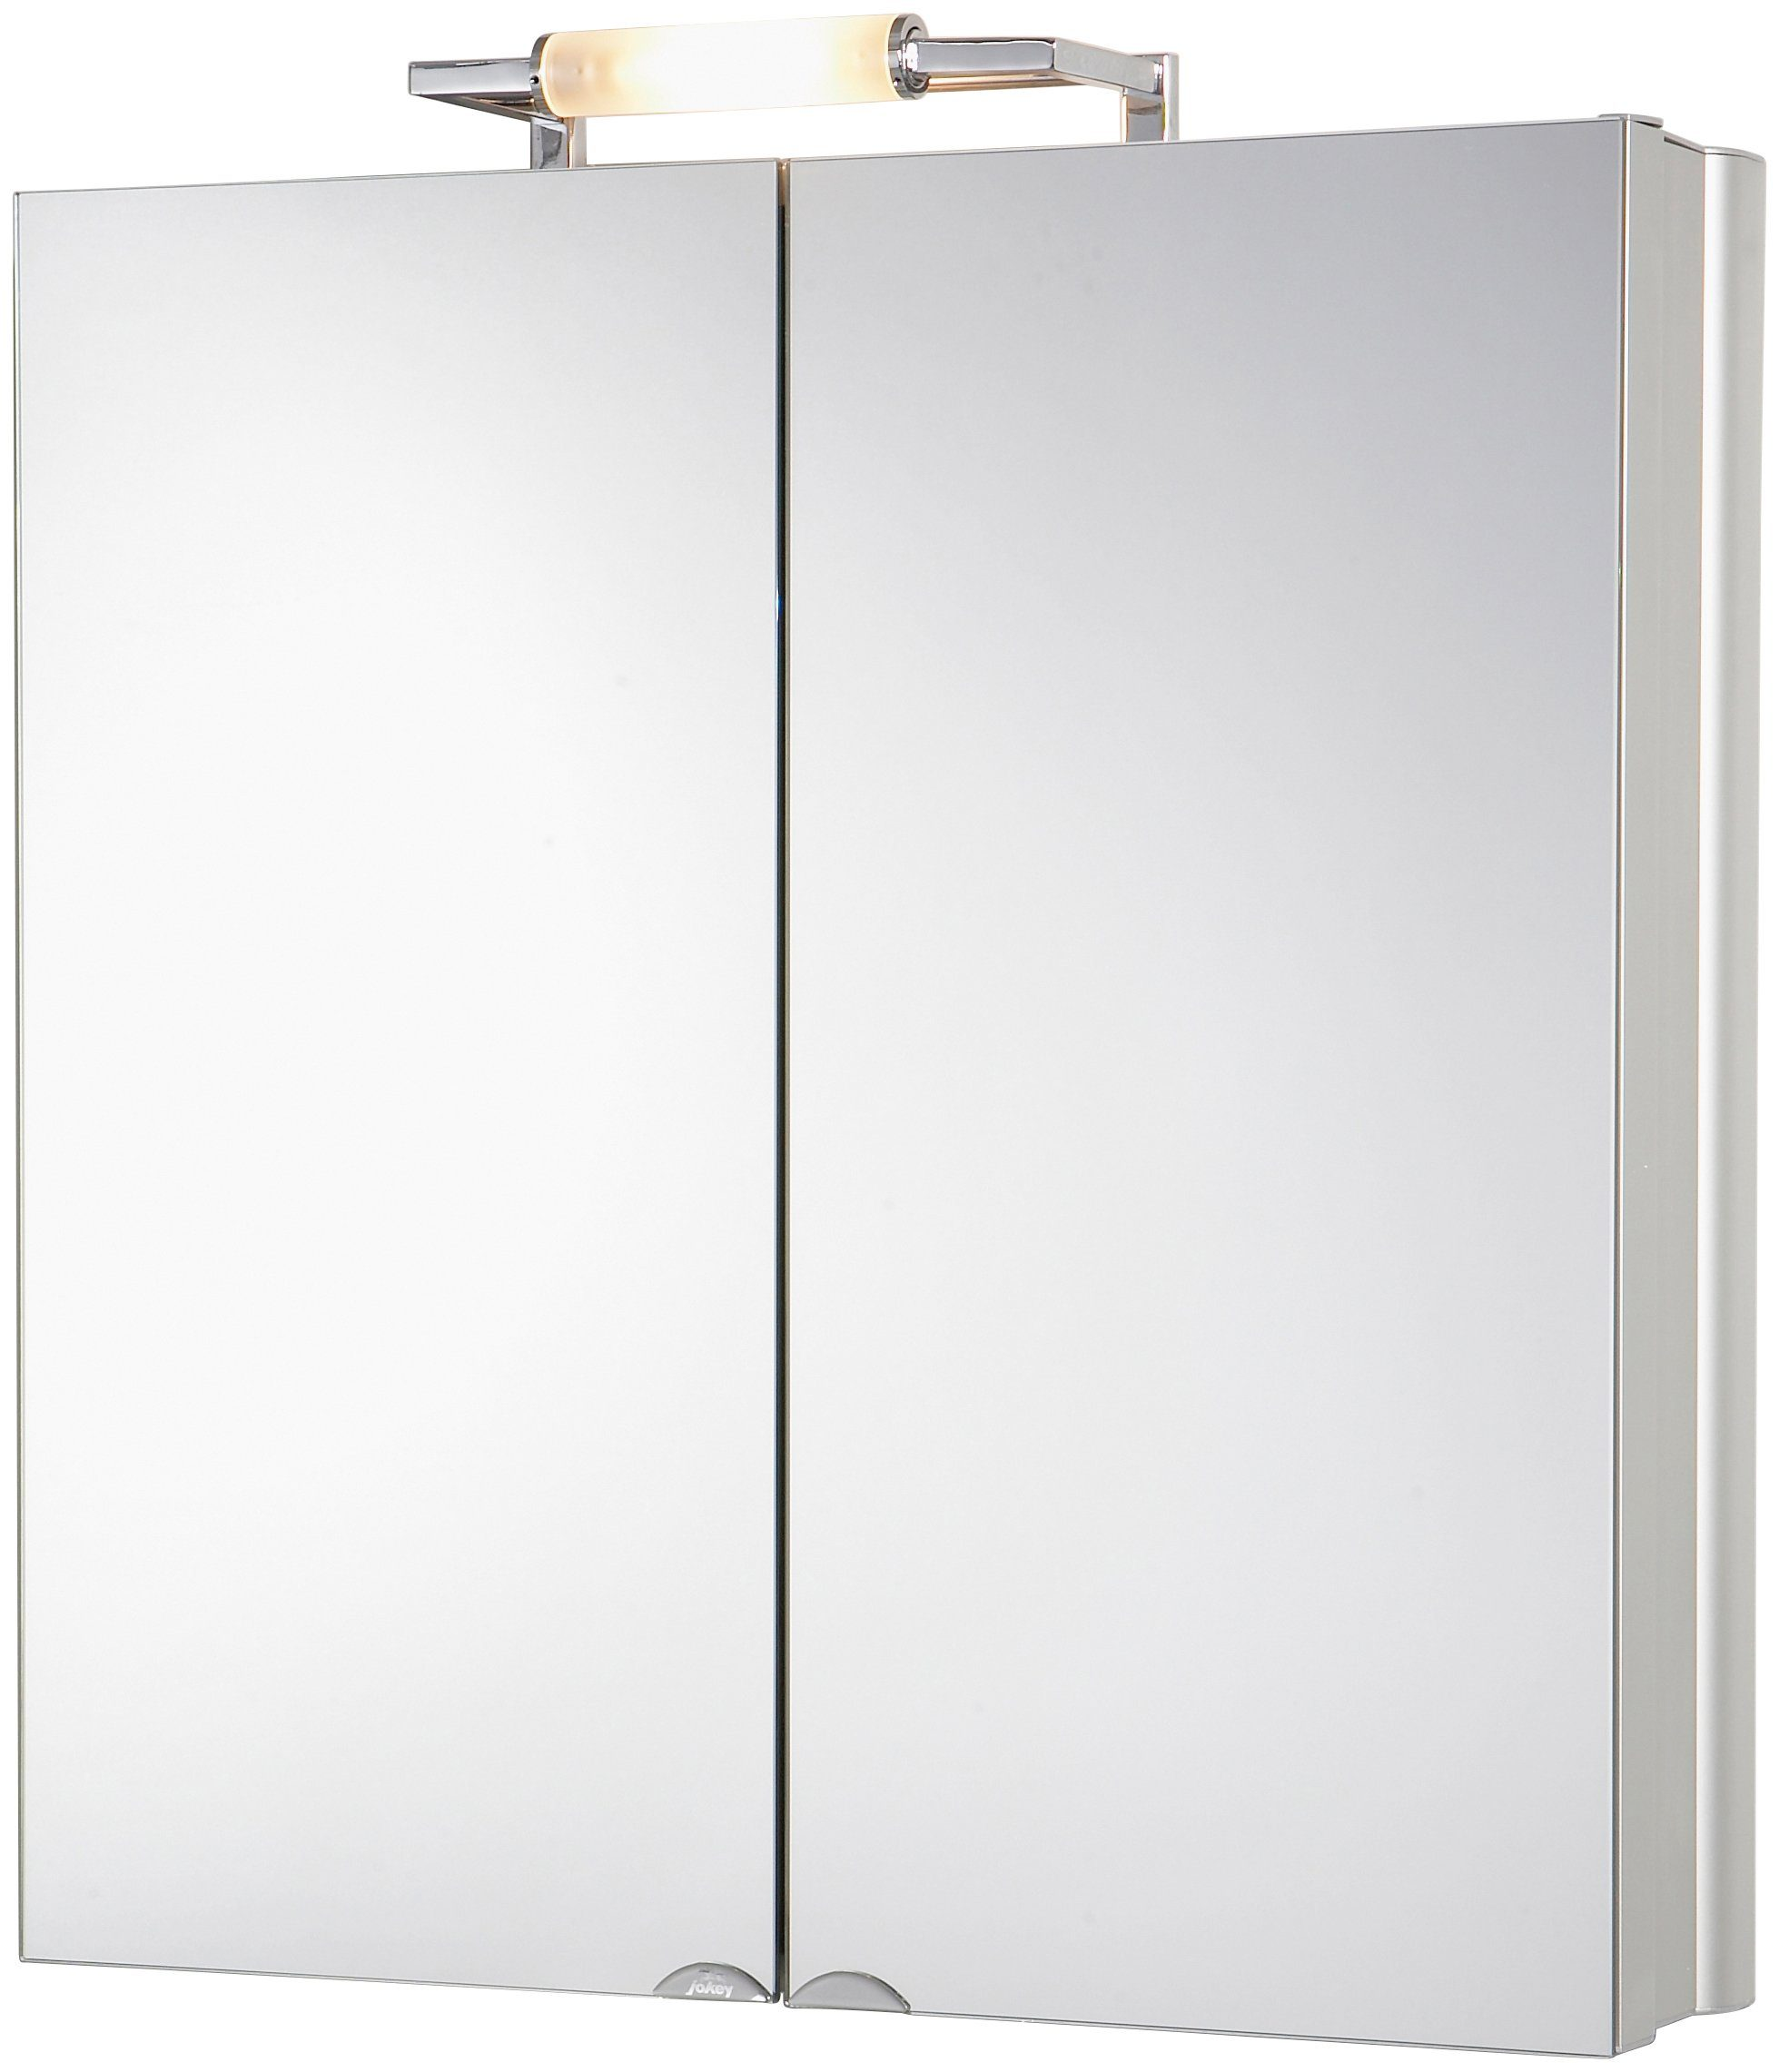 Spiegelschrank »BelAlu« Breite 65 cm, mit Beleuchtung